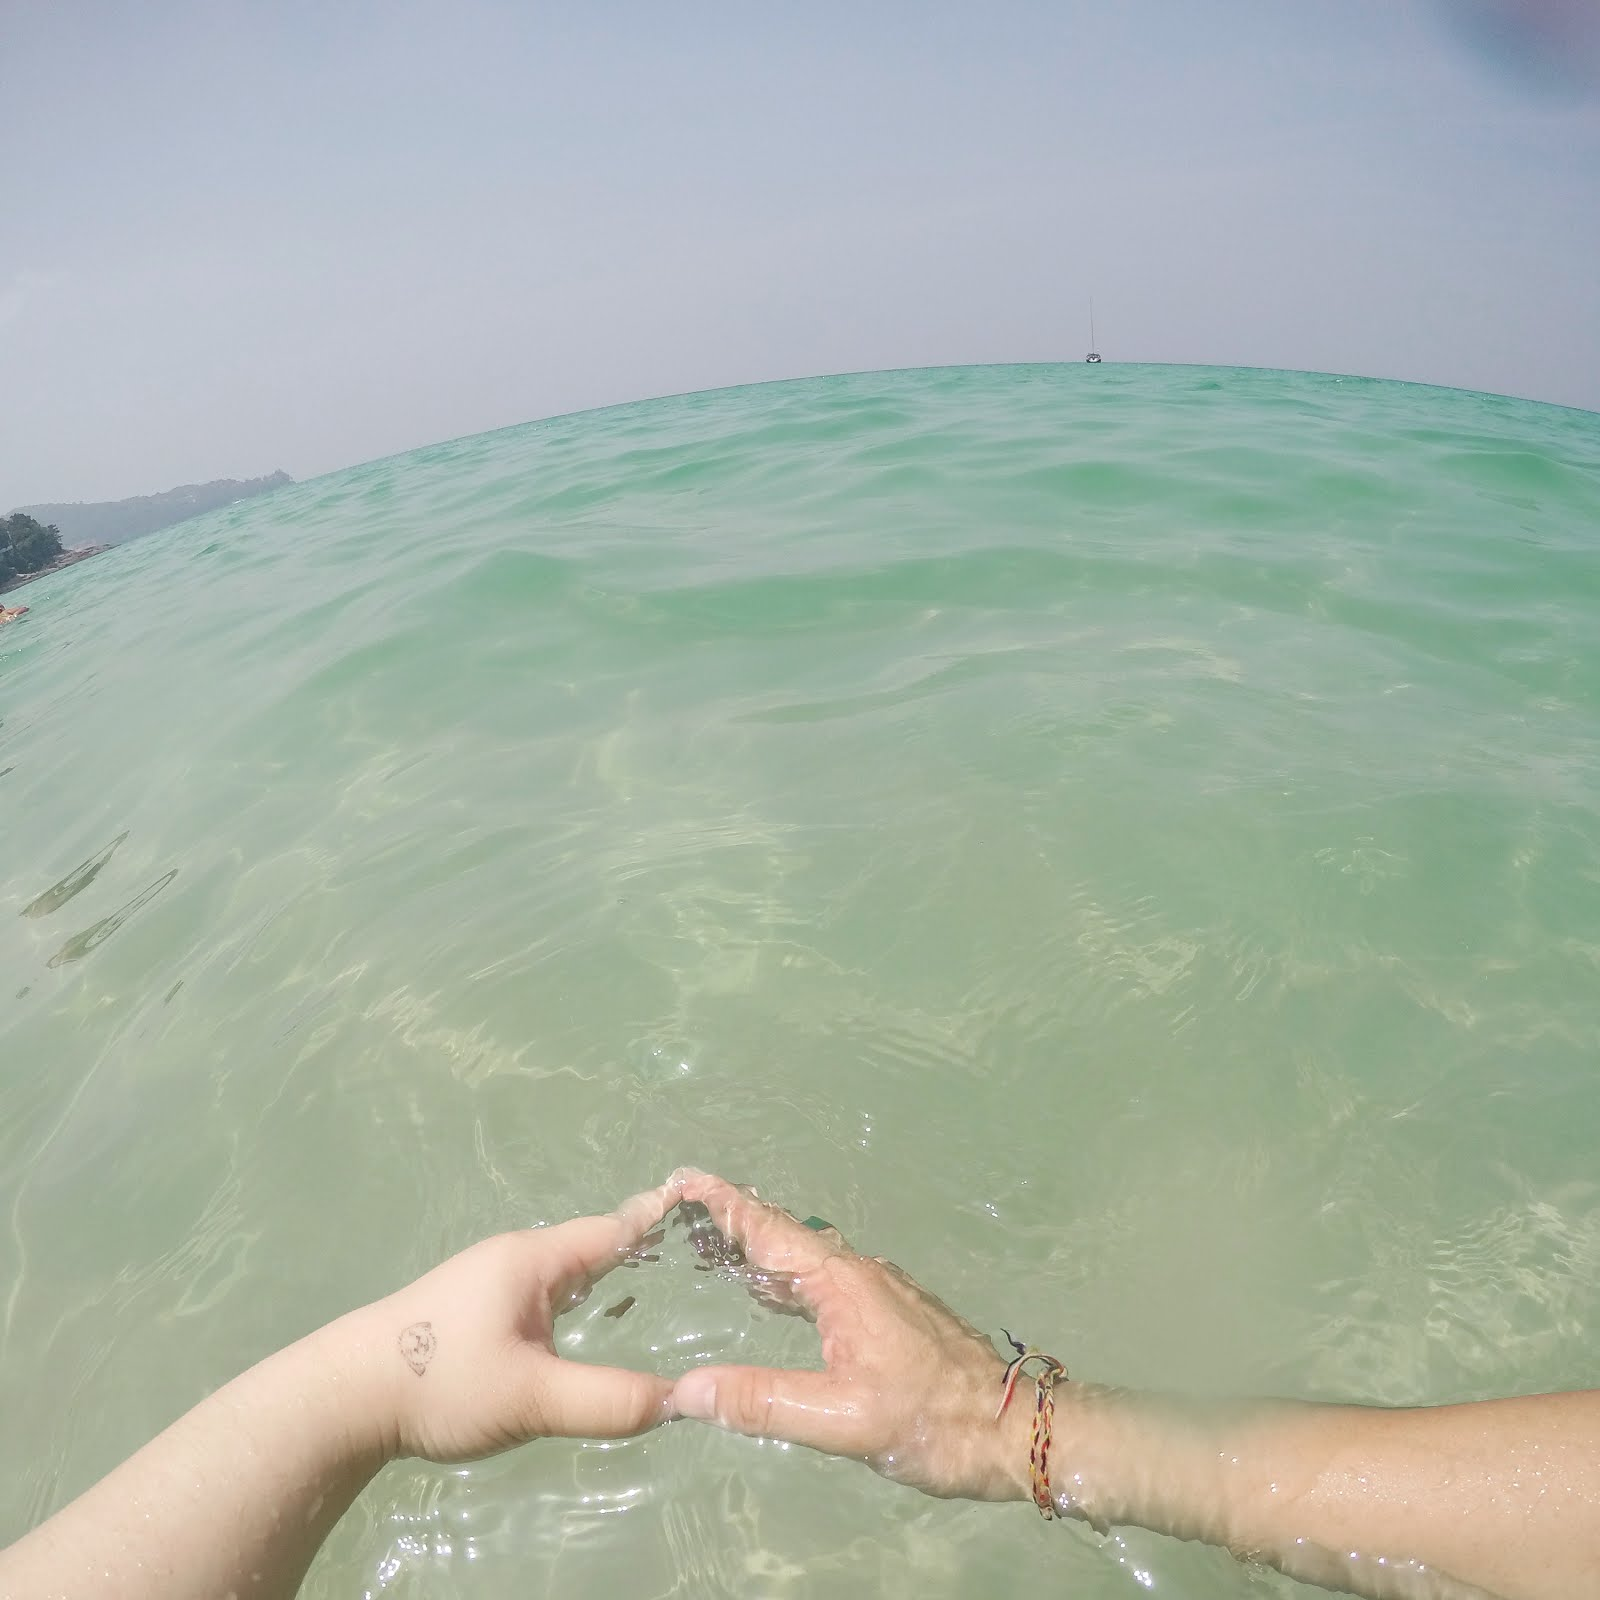 ❤ 普吉岛 . 恋 ❤